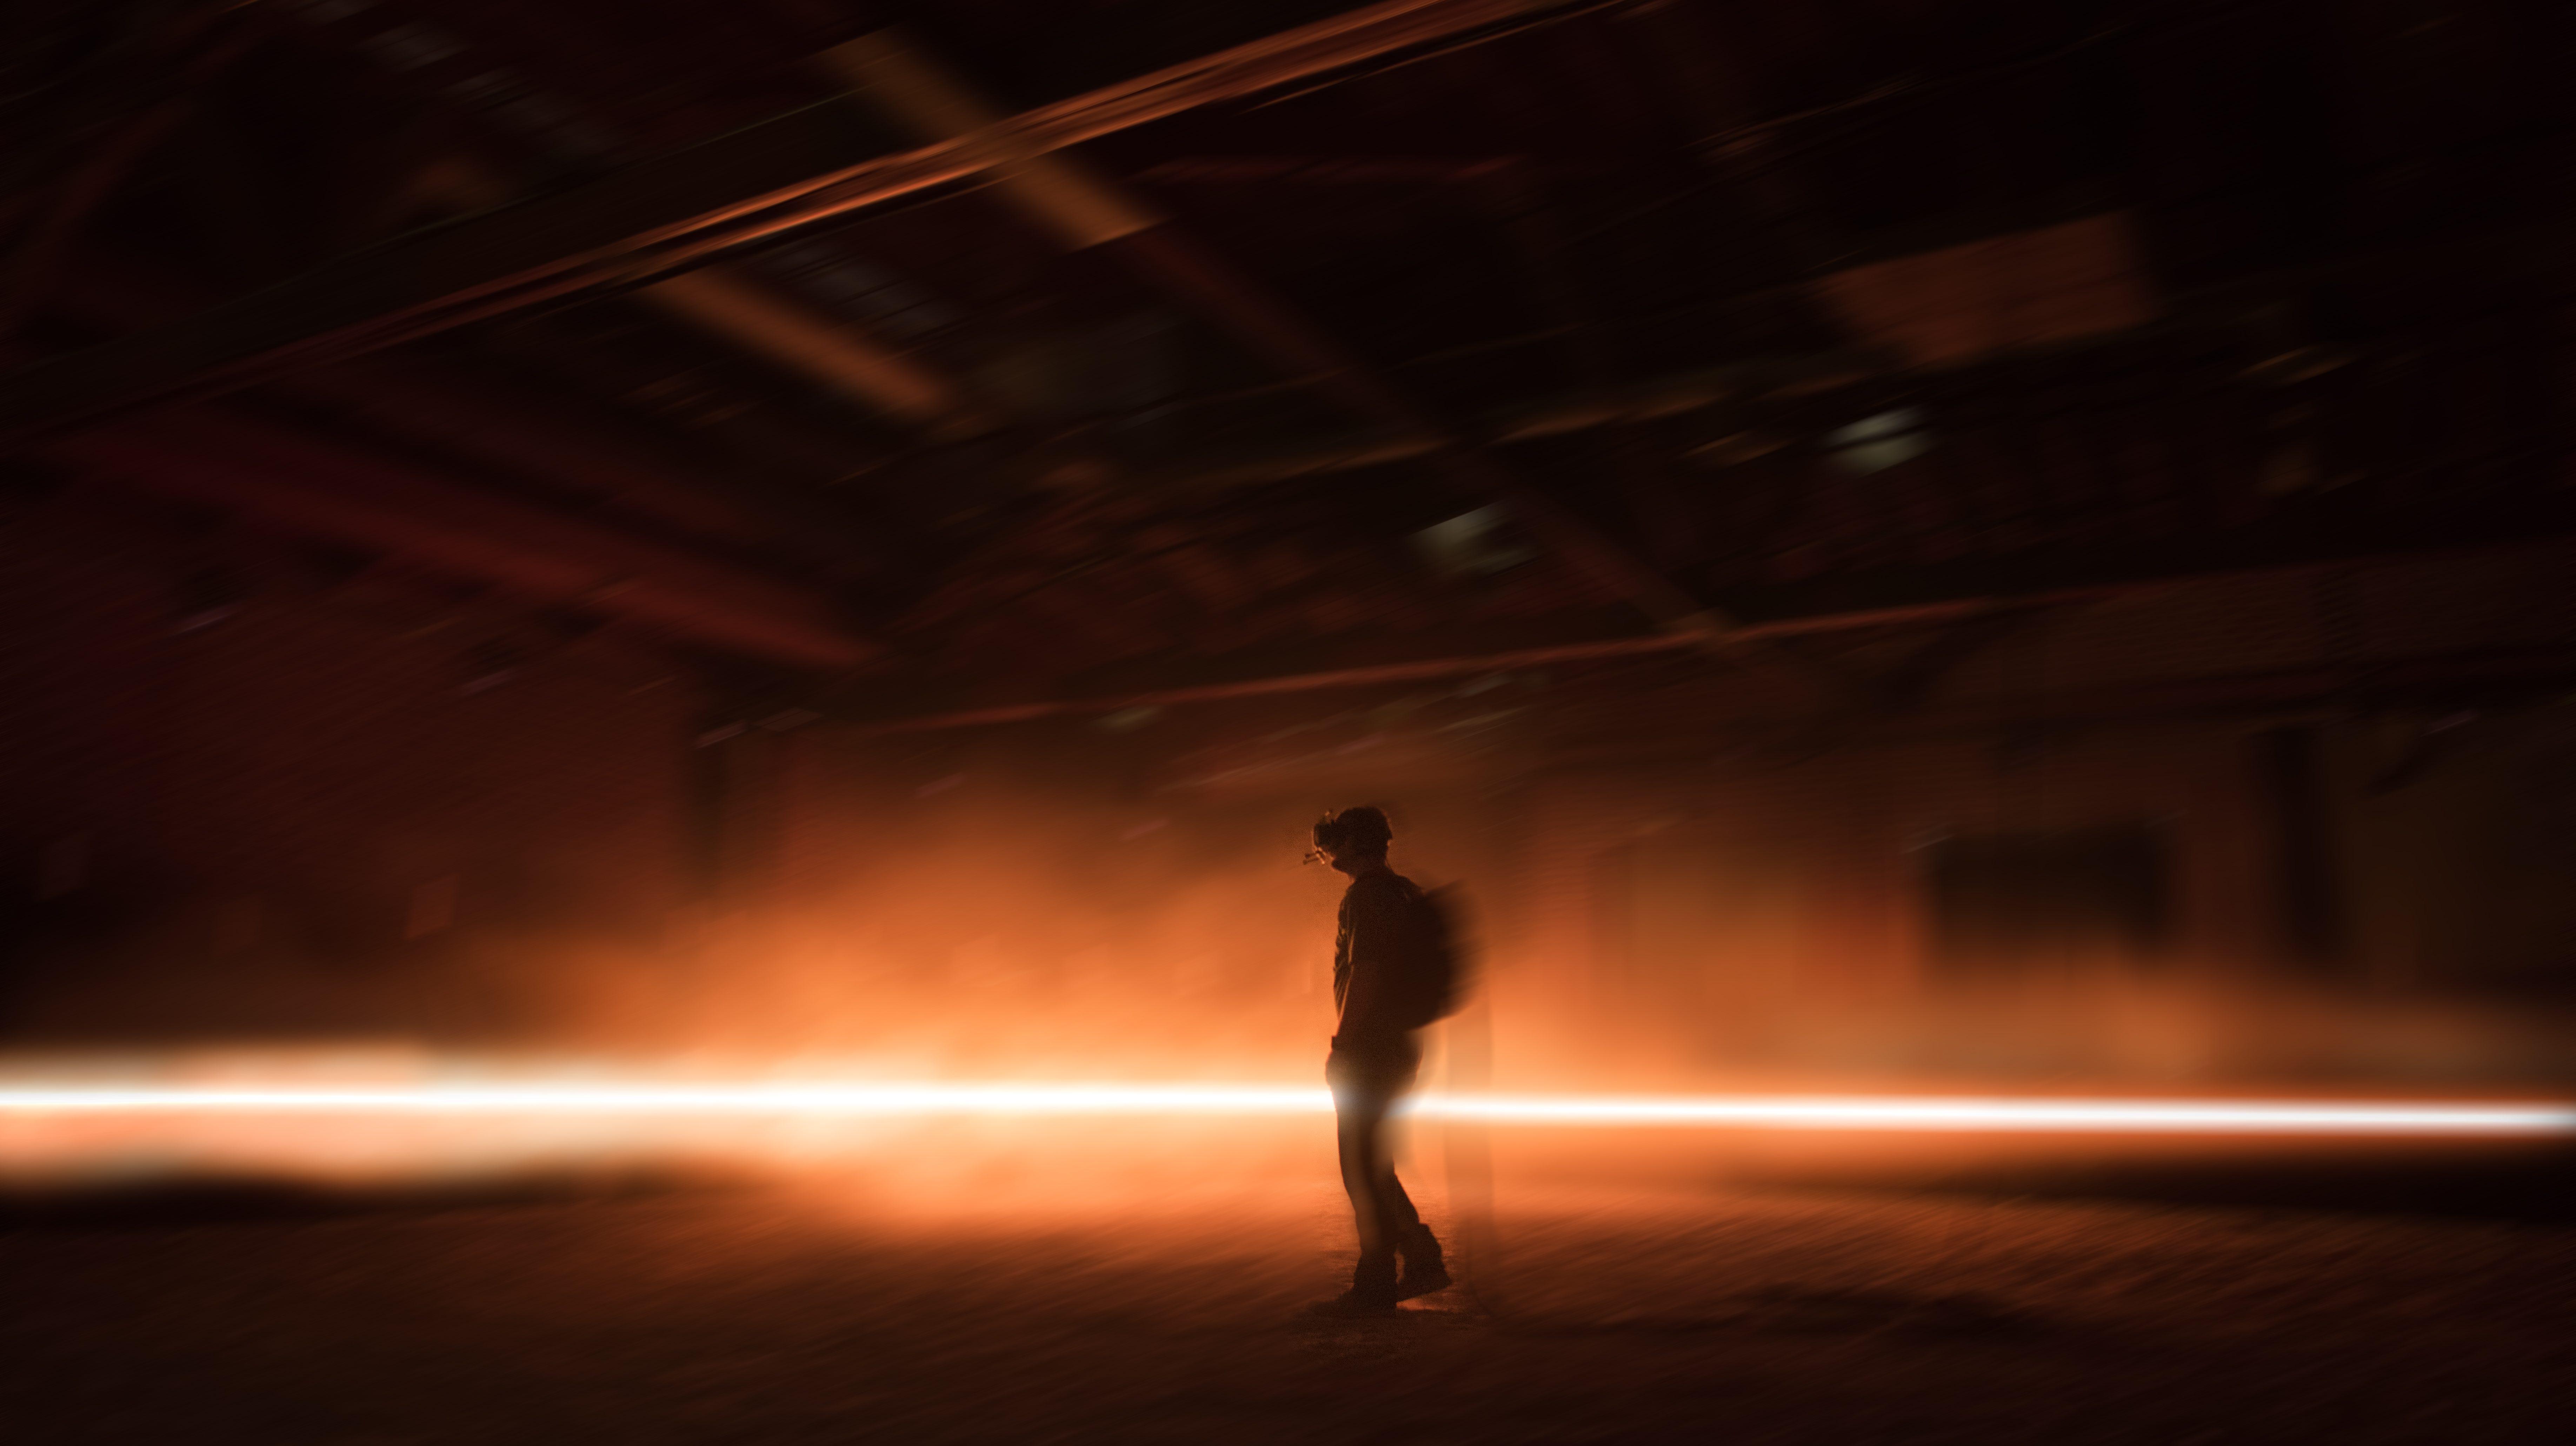 CARNE y ARENA, a virtual reality installation by González Iñárritu